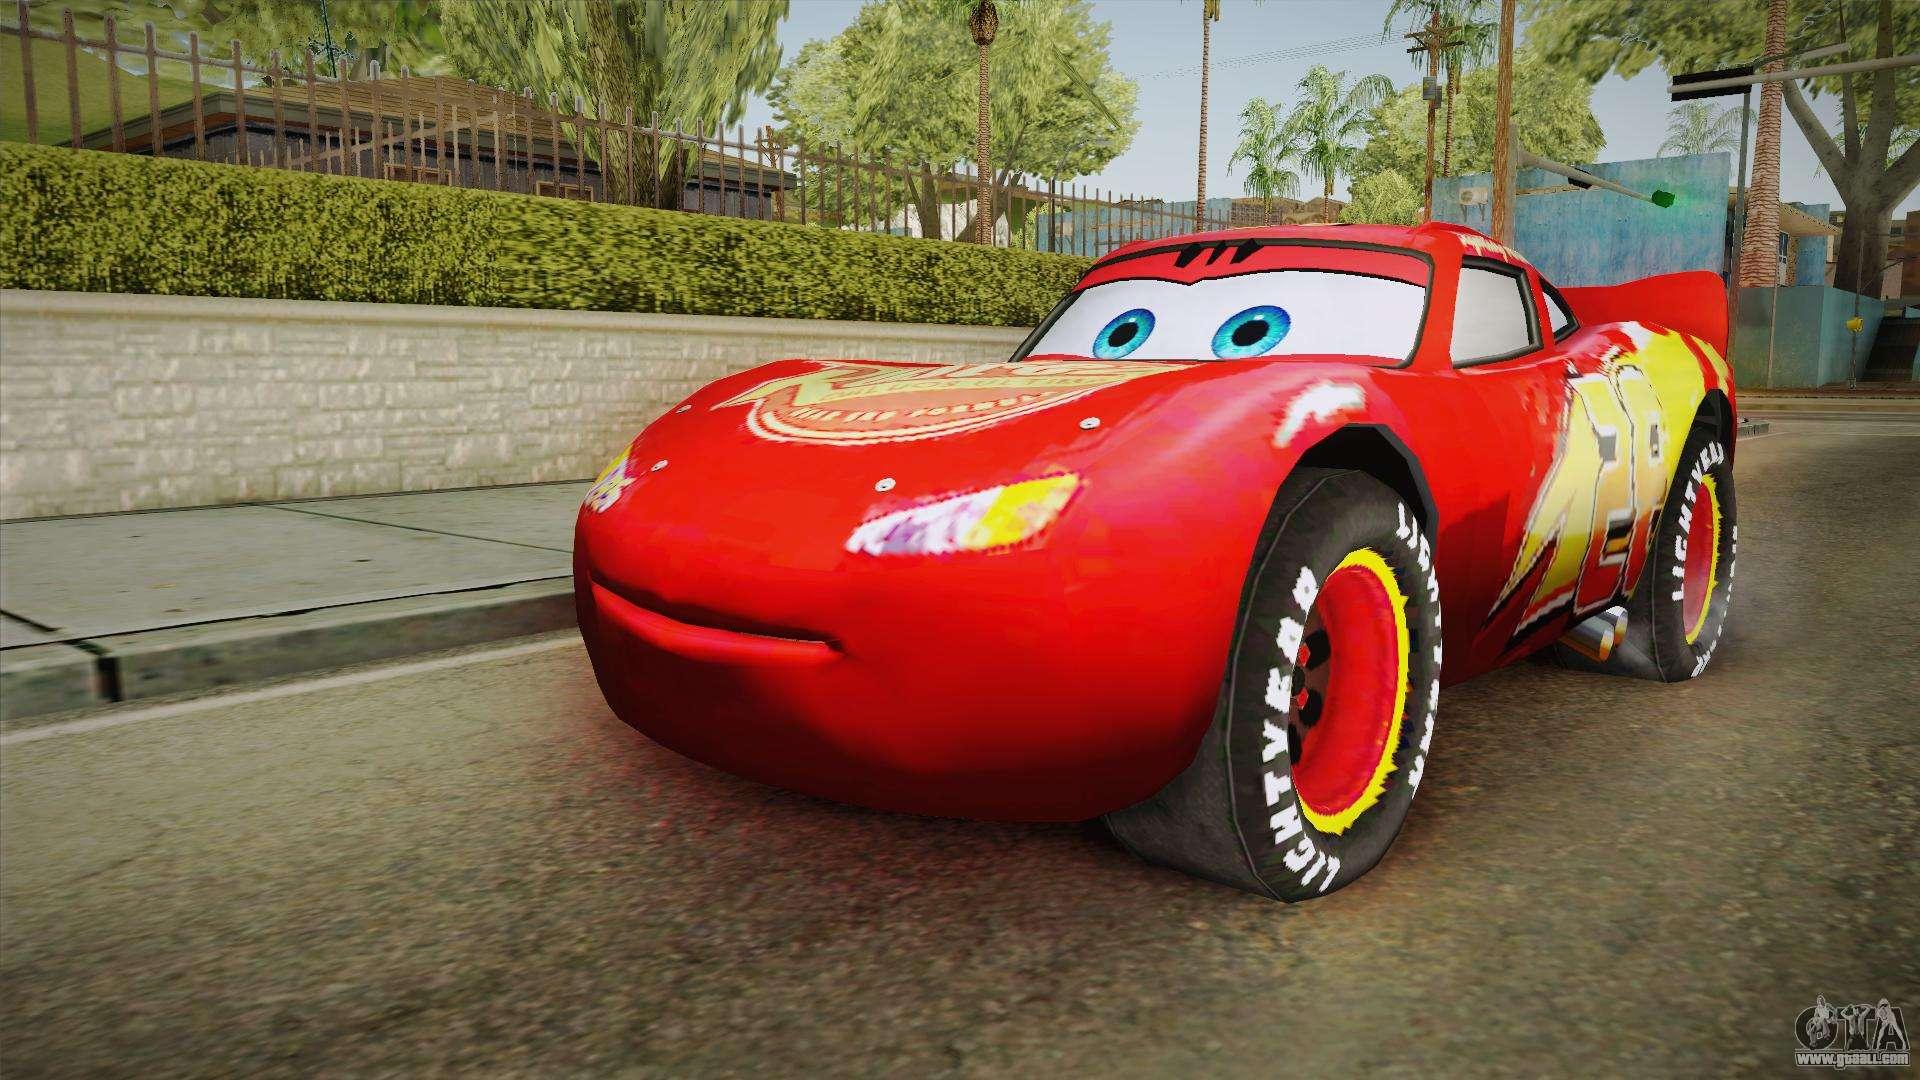 88108 Cars 3 Mcqueen